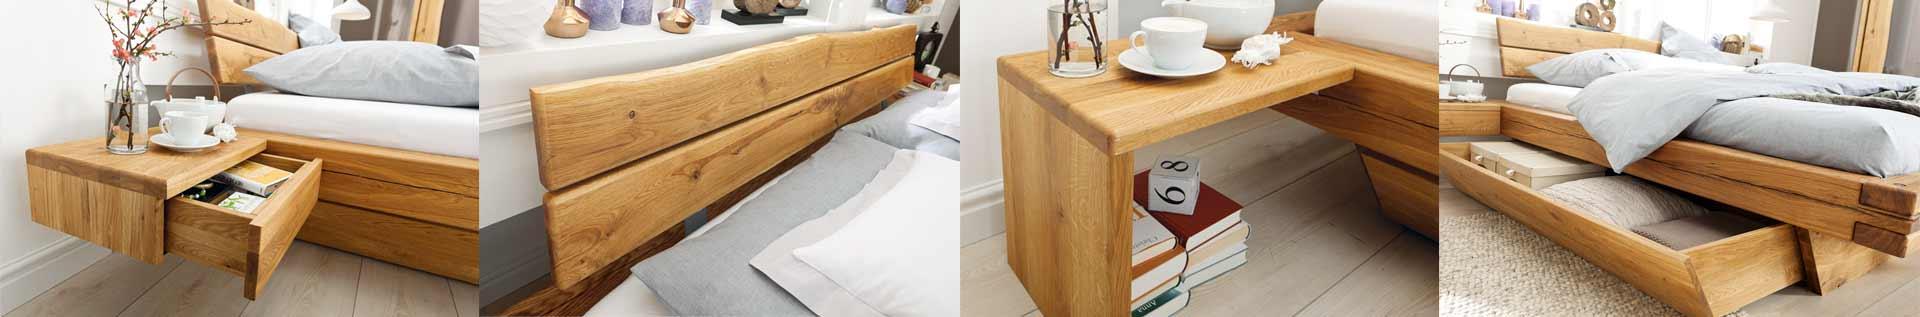 natura 1990 von natura einrichten in moormerland ot. Black Bedroom Furniture Sets. Home Design Ideas